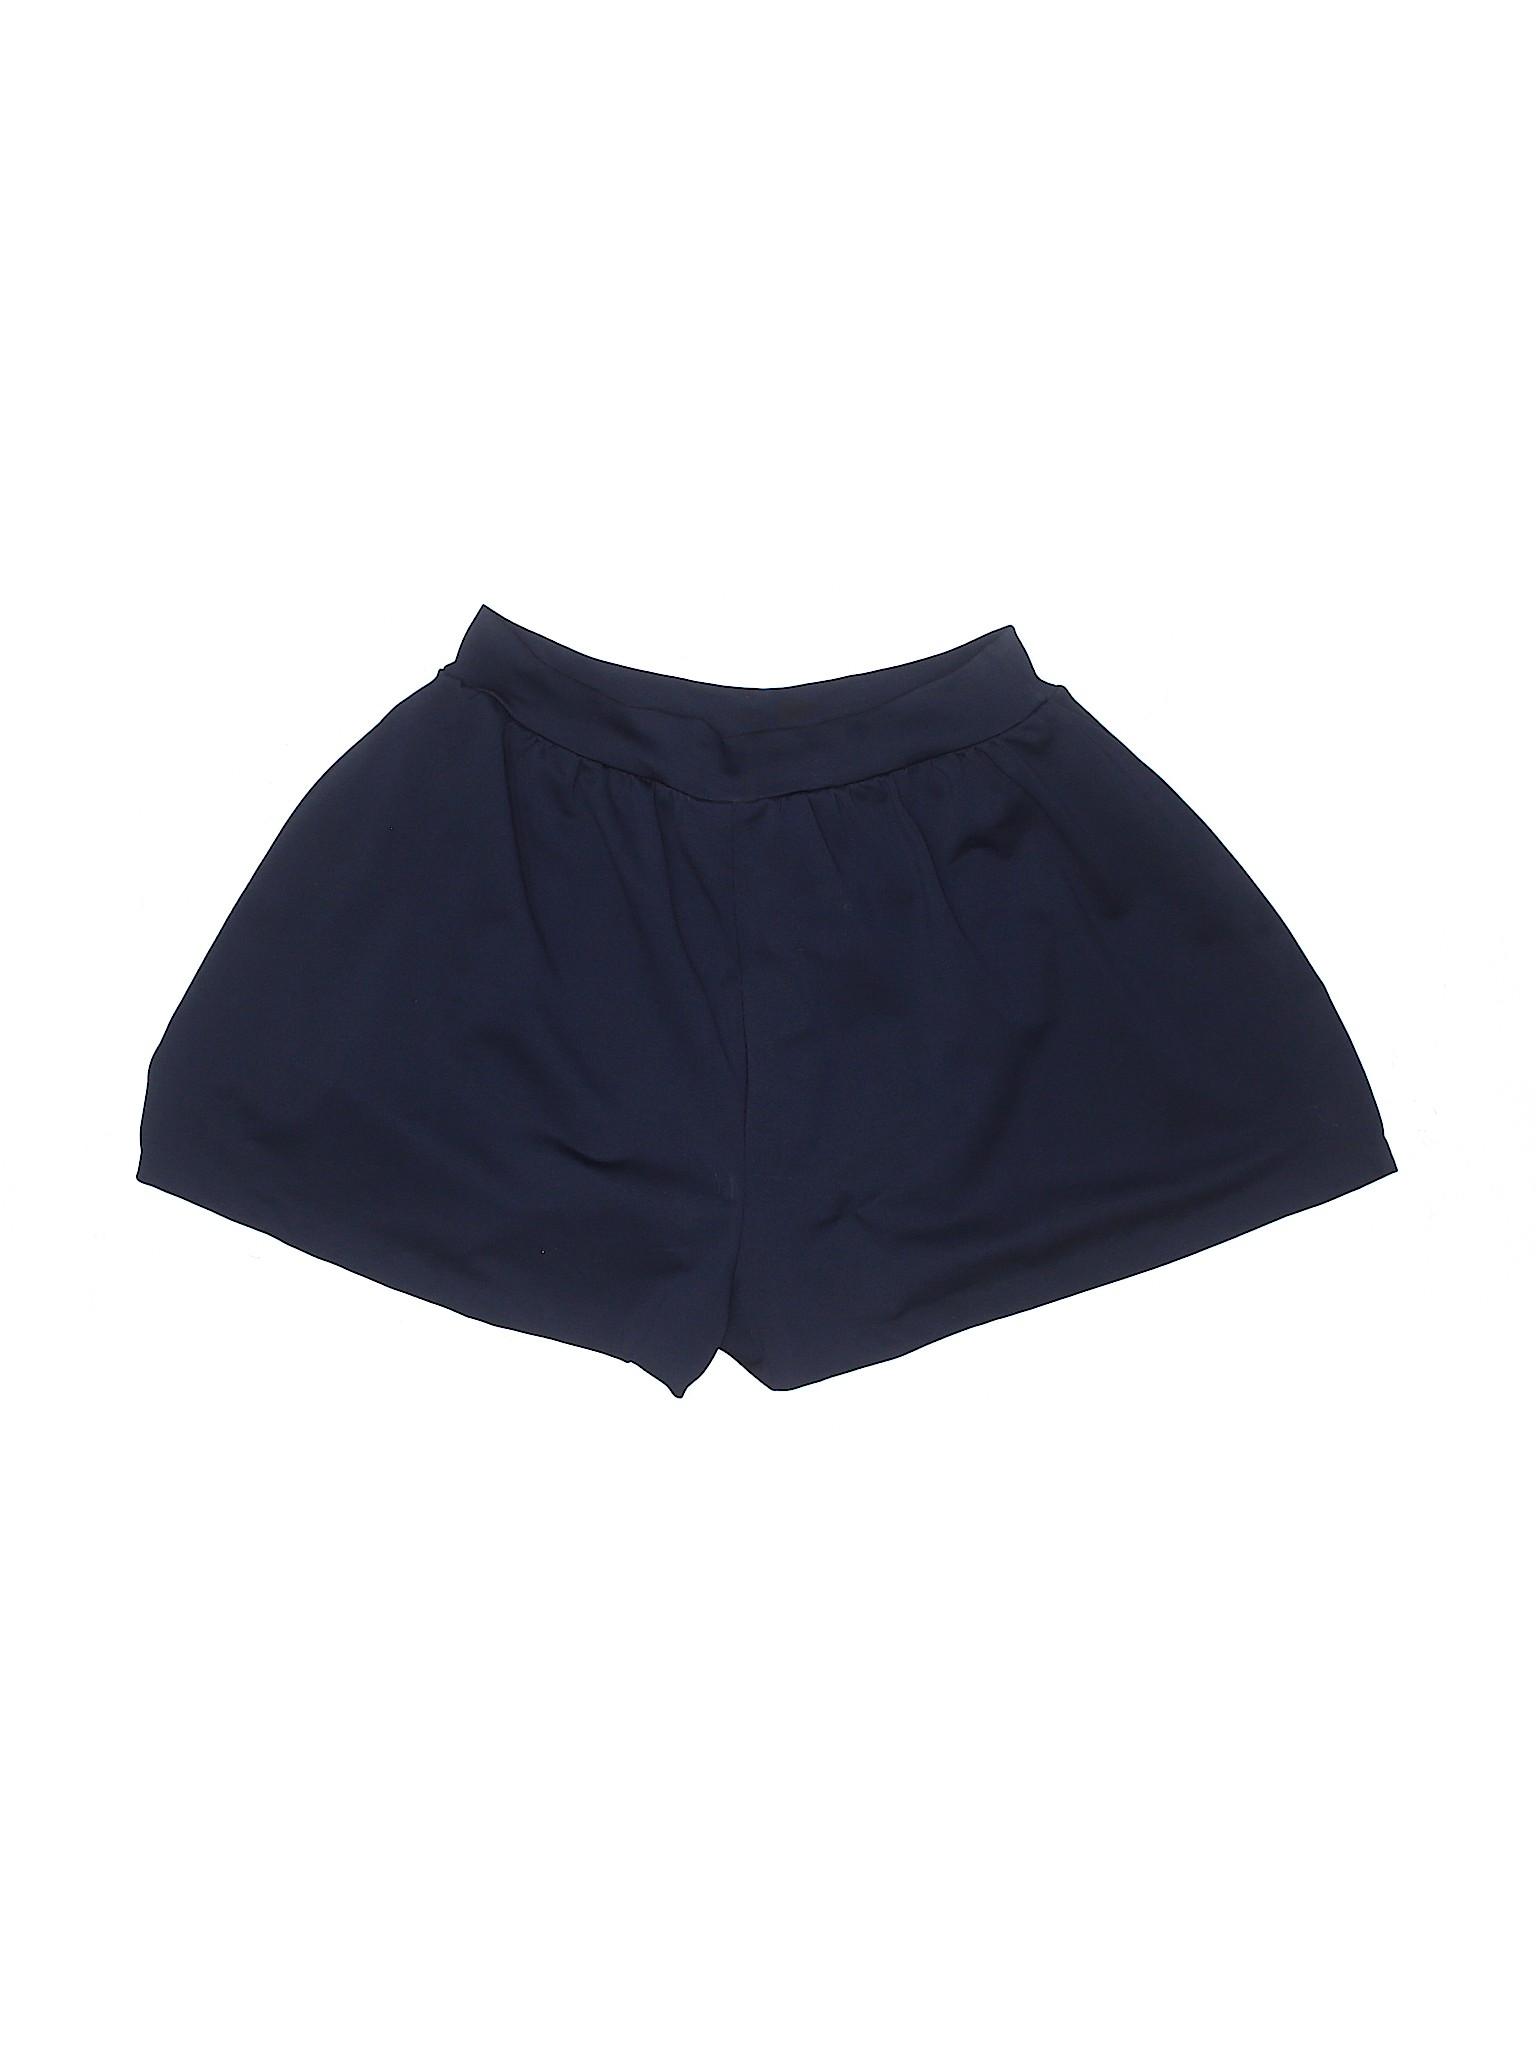 Shorts South Point Boutique Boutique leisure leisure nOHXtqH